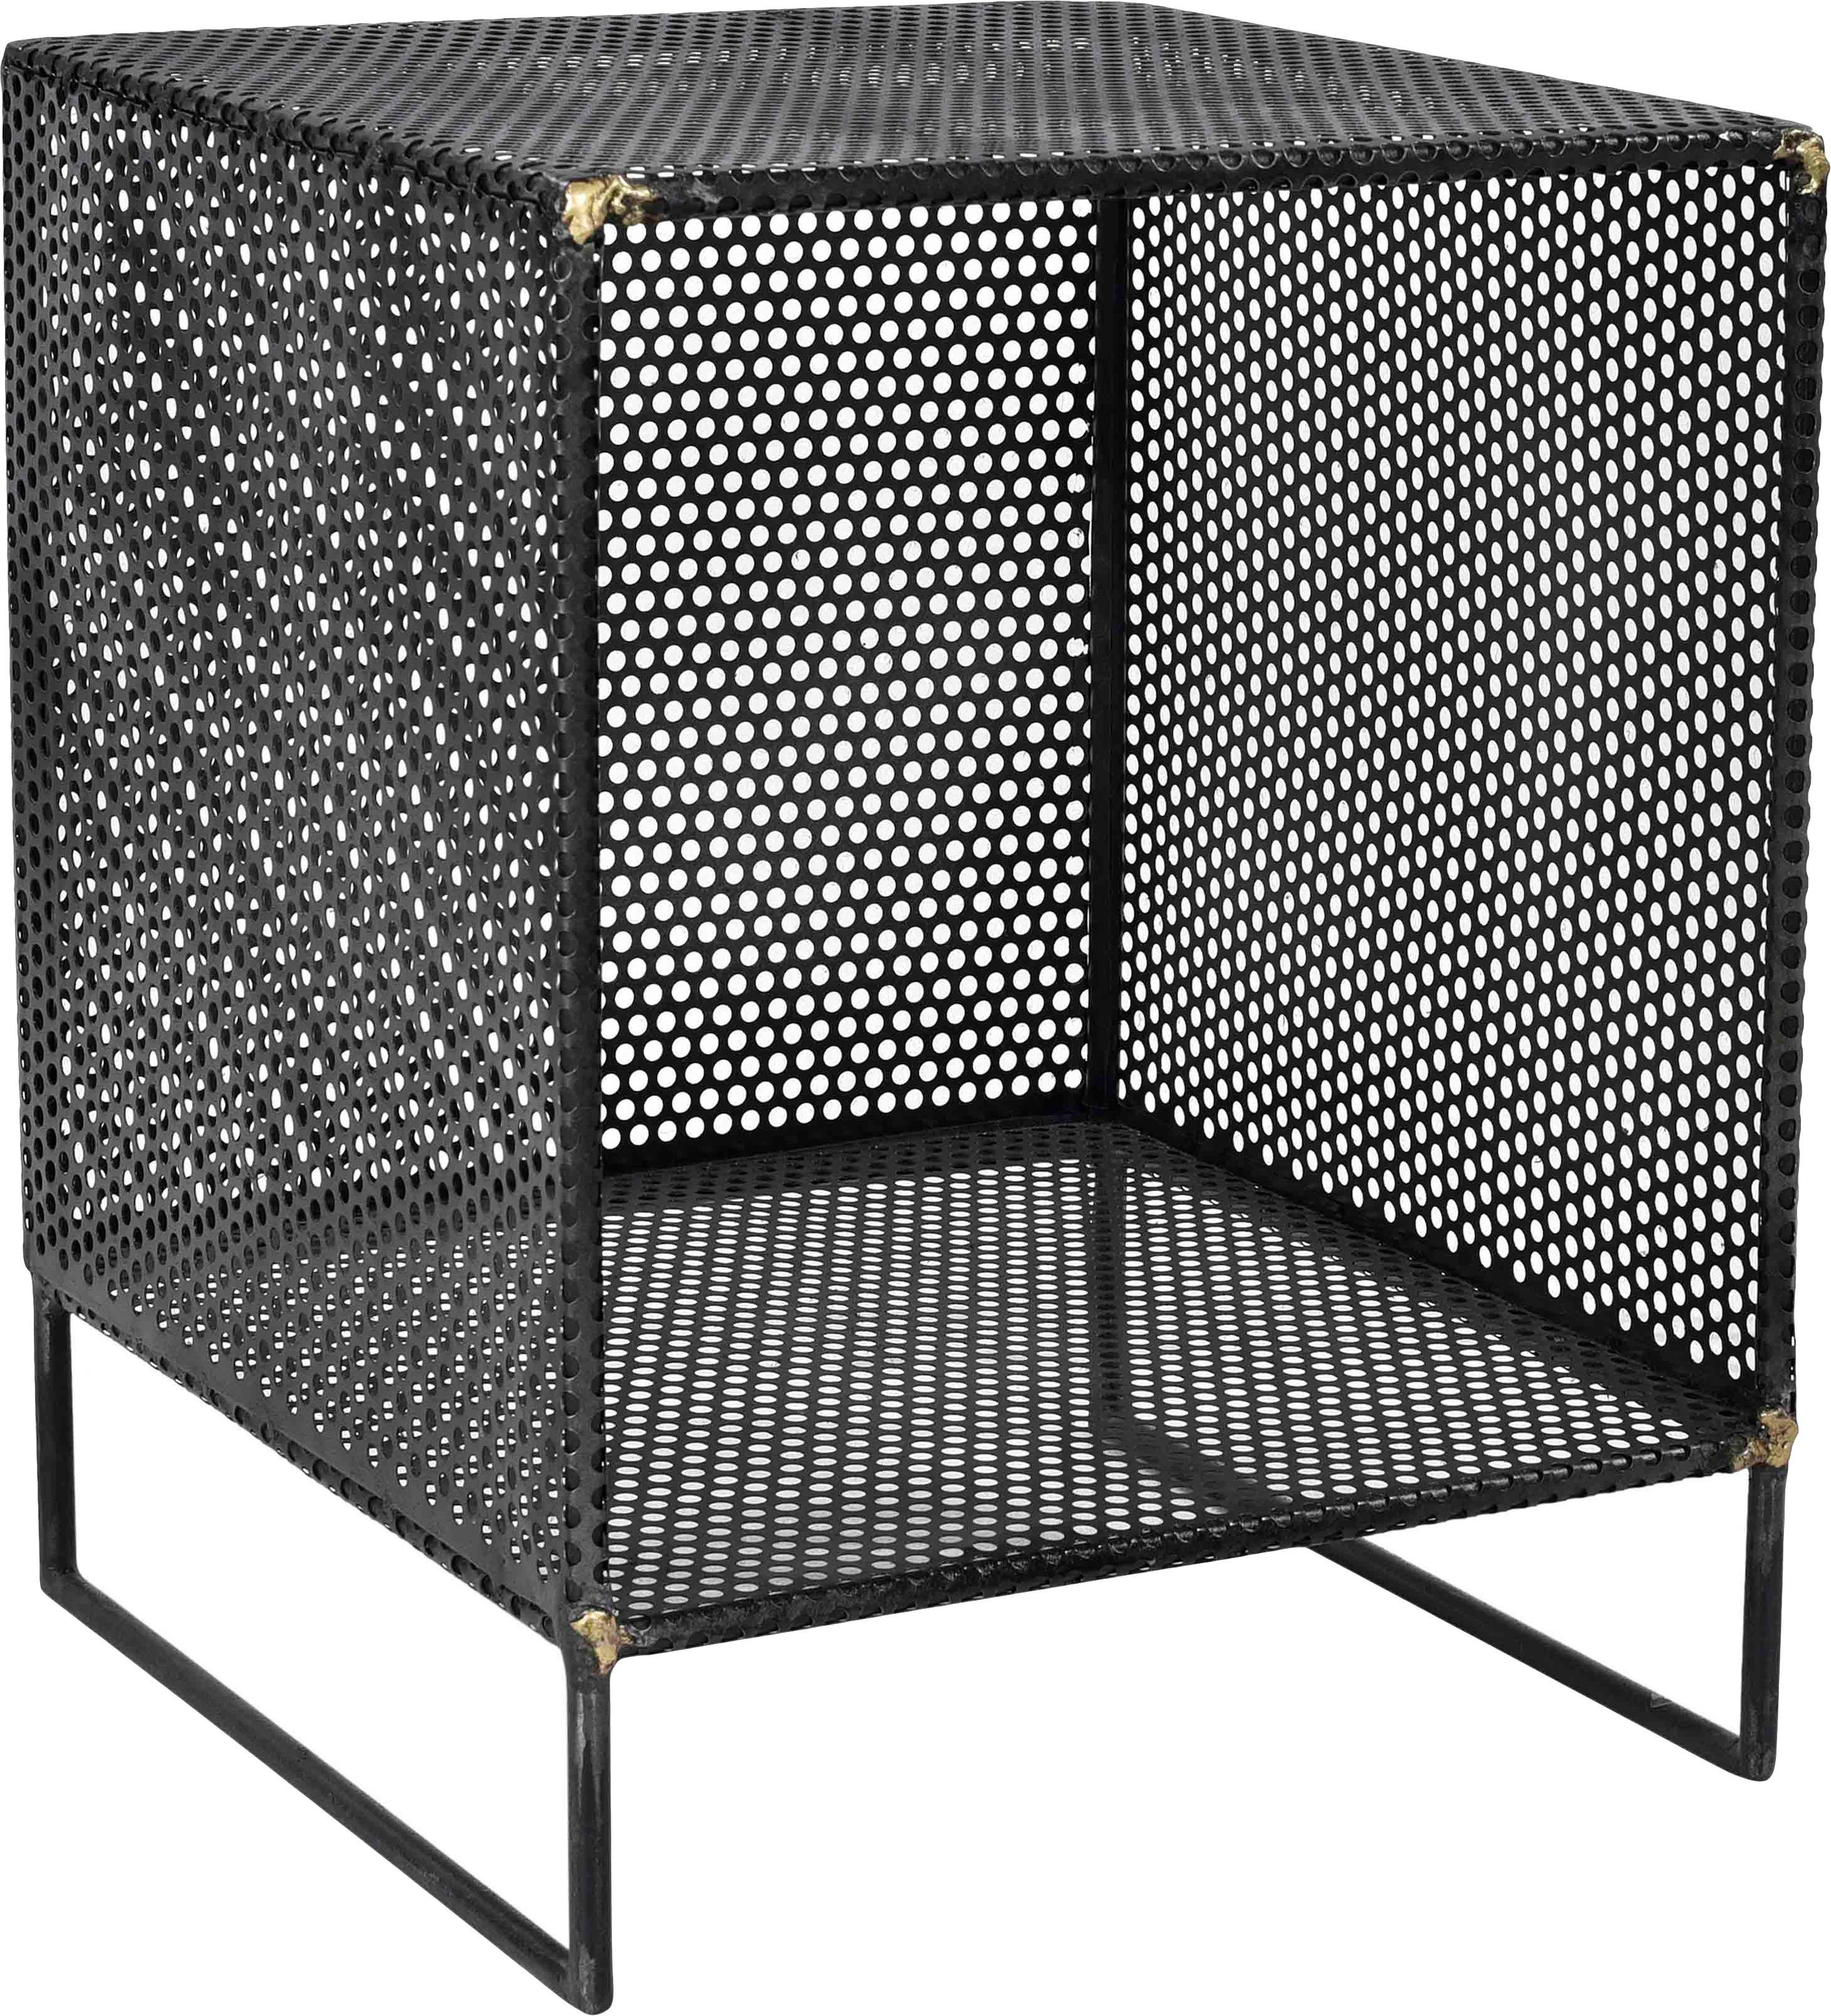 Tavolino in metallo Loft, Metallo, grossolamente perforato con saldature di ottone visibili, Nero, Larg. 40 x Alt. 50 cm